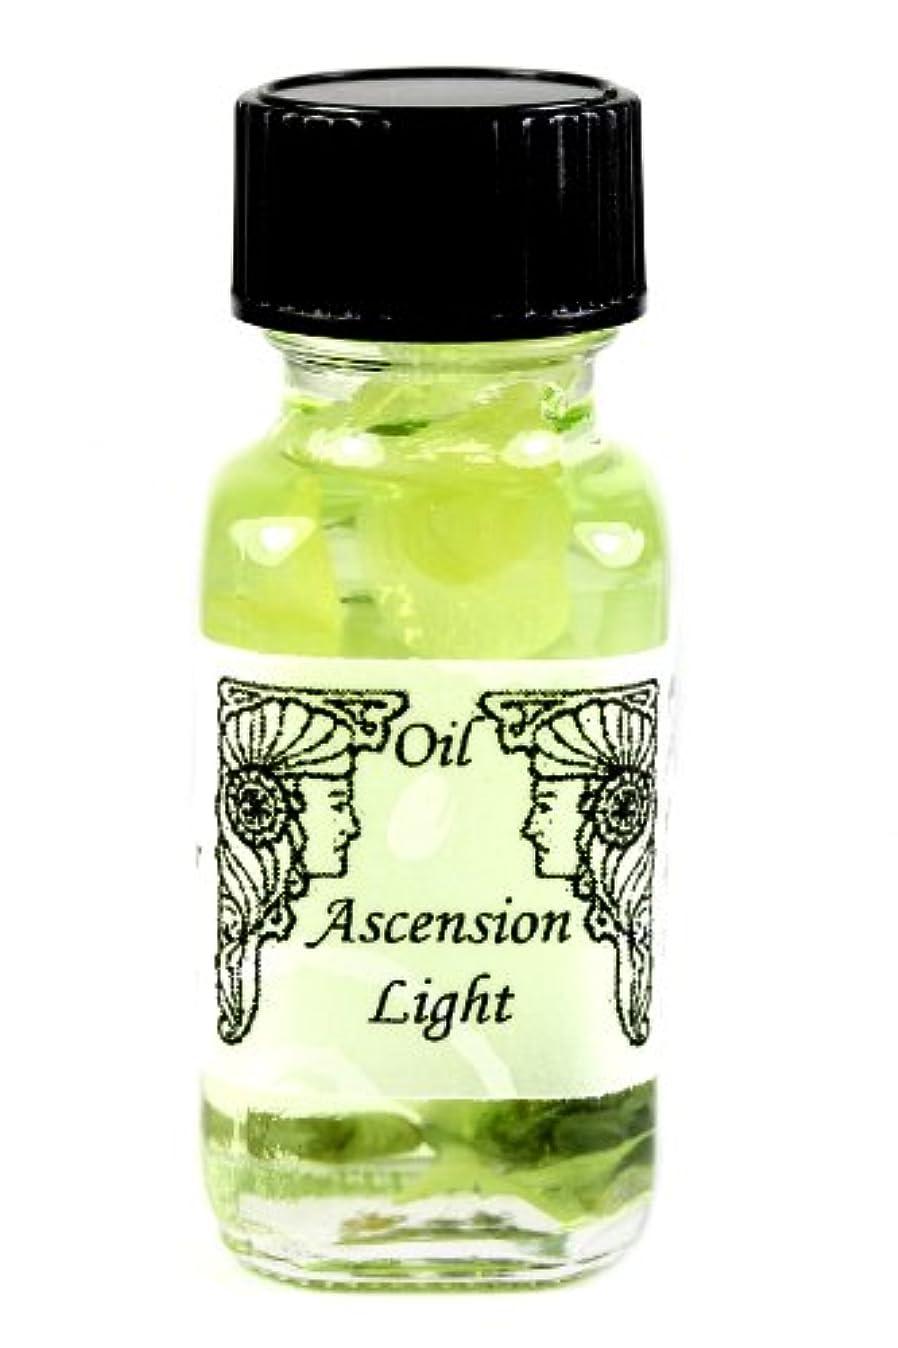 その後シニス傀儡アンシェントメモリーオイル Ascension Light アセンション?ライト 【アセンションの光】(2014年新作)